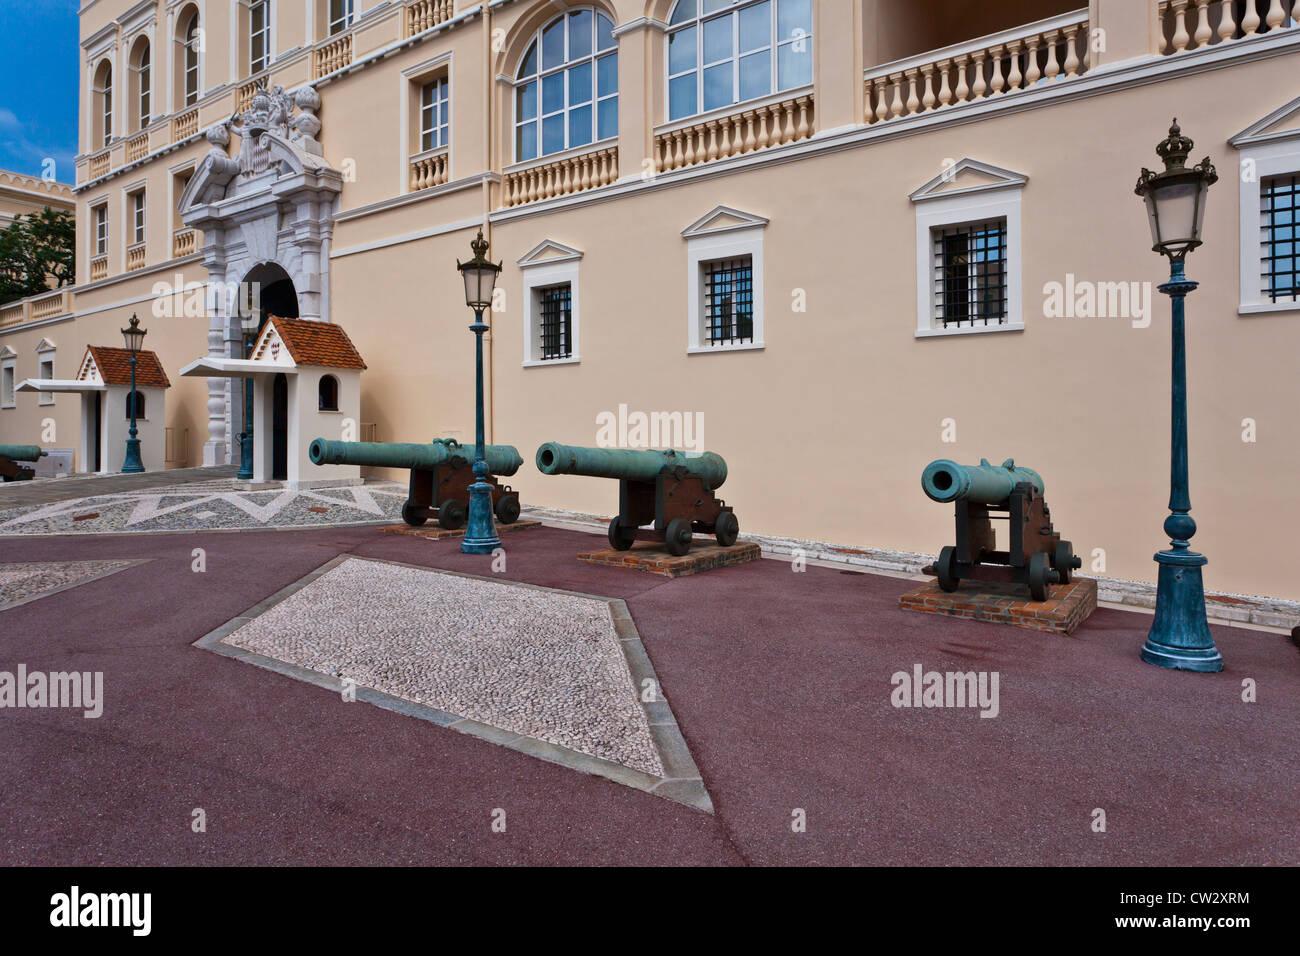 Der historische Eingang des Prinzen Palast von Monaco mit Canon Gewehren. Stockbild